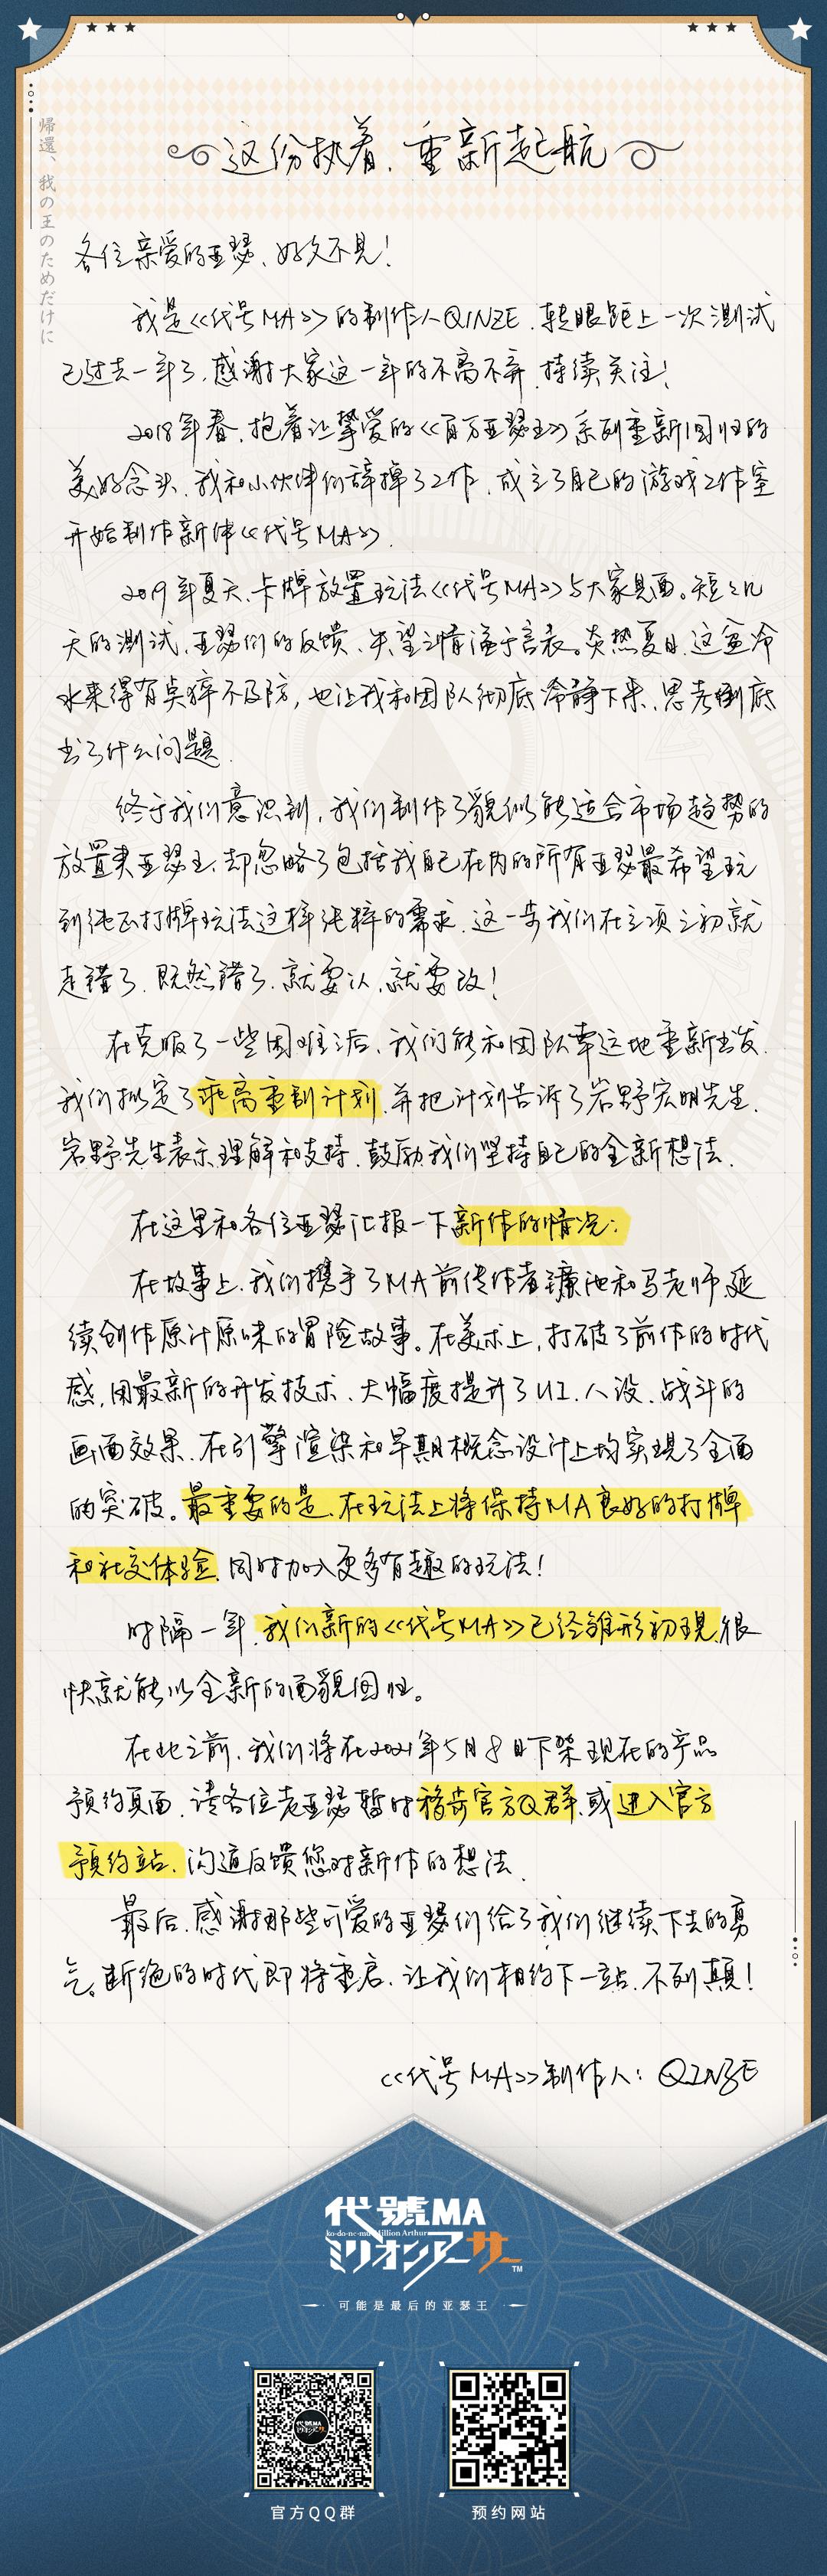 《代号MA》策划的信:这份执着,重新起航